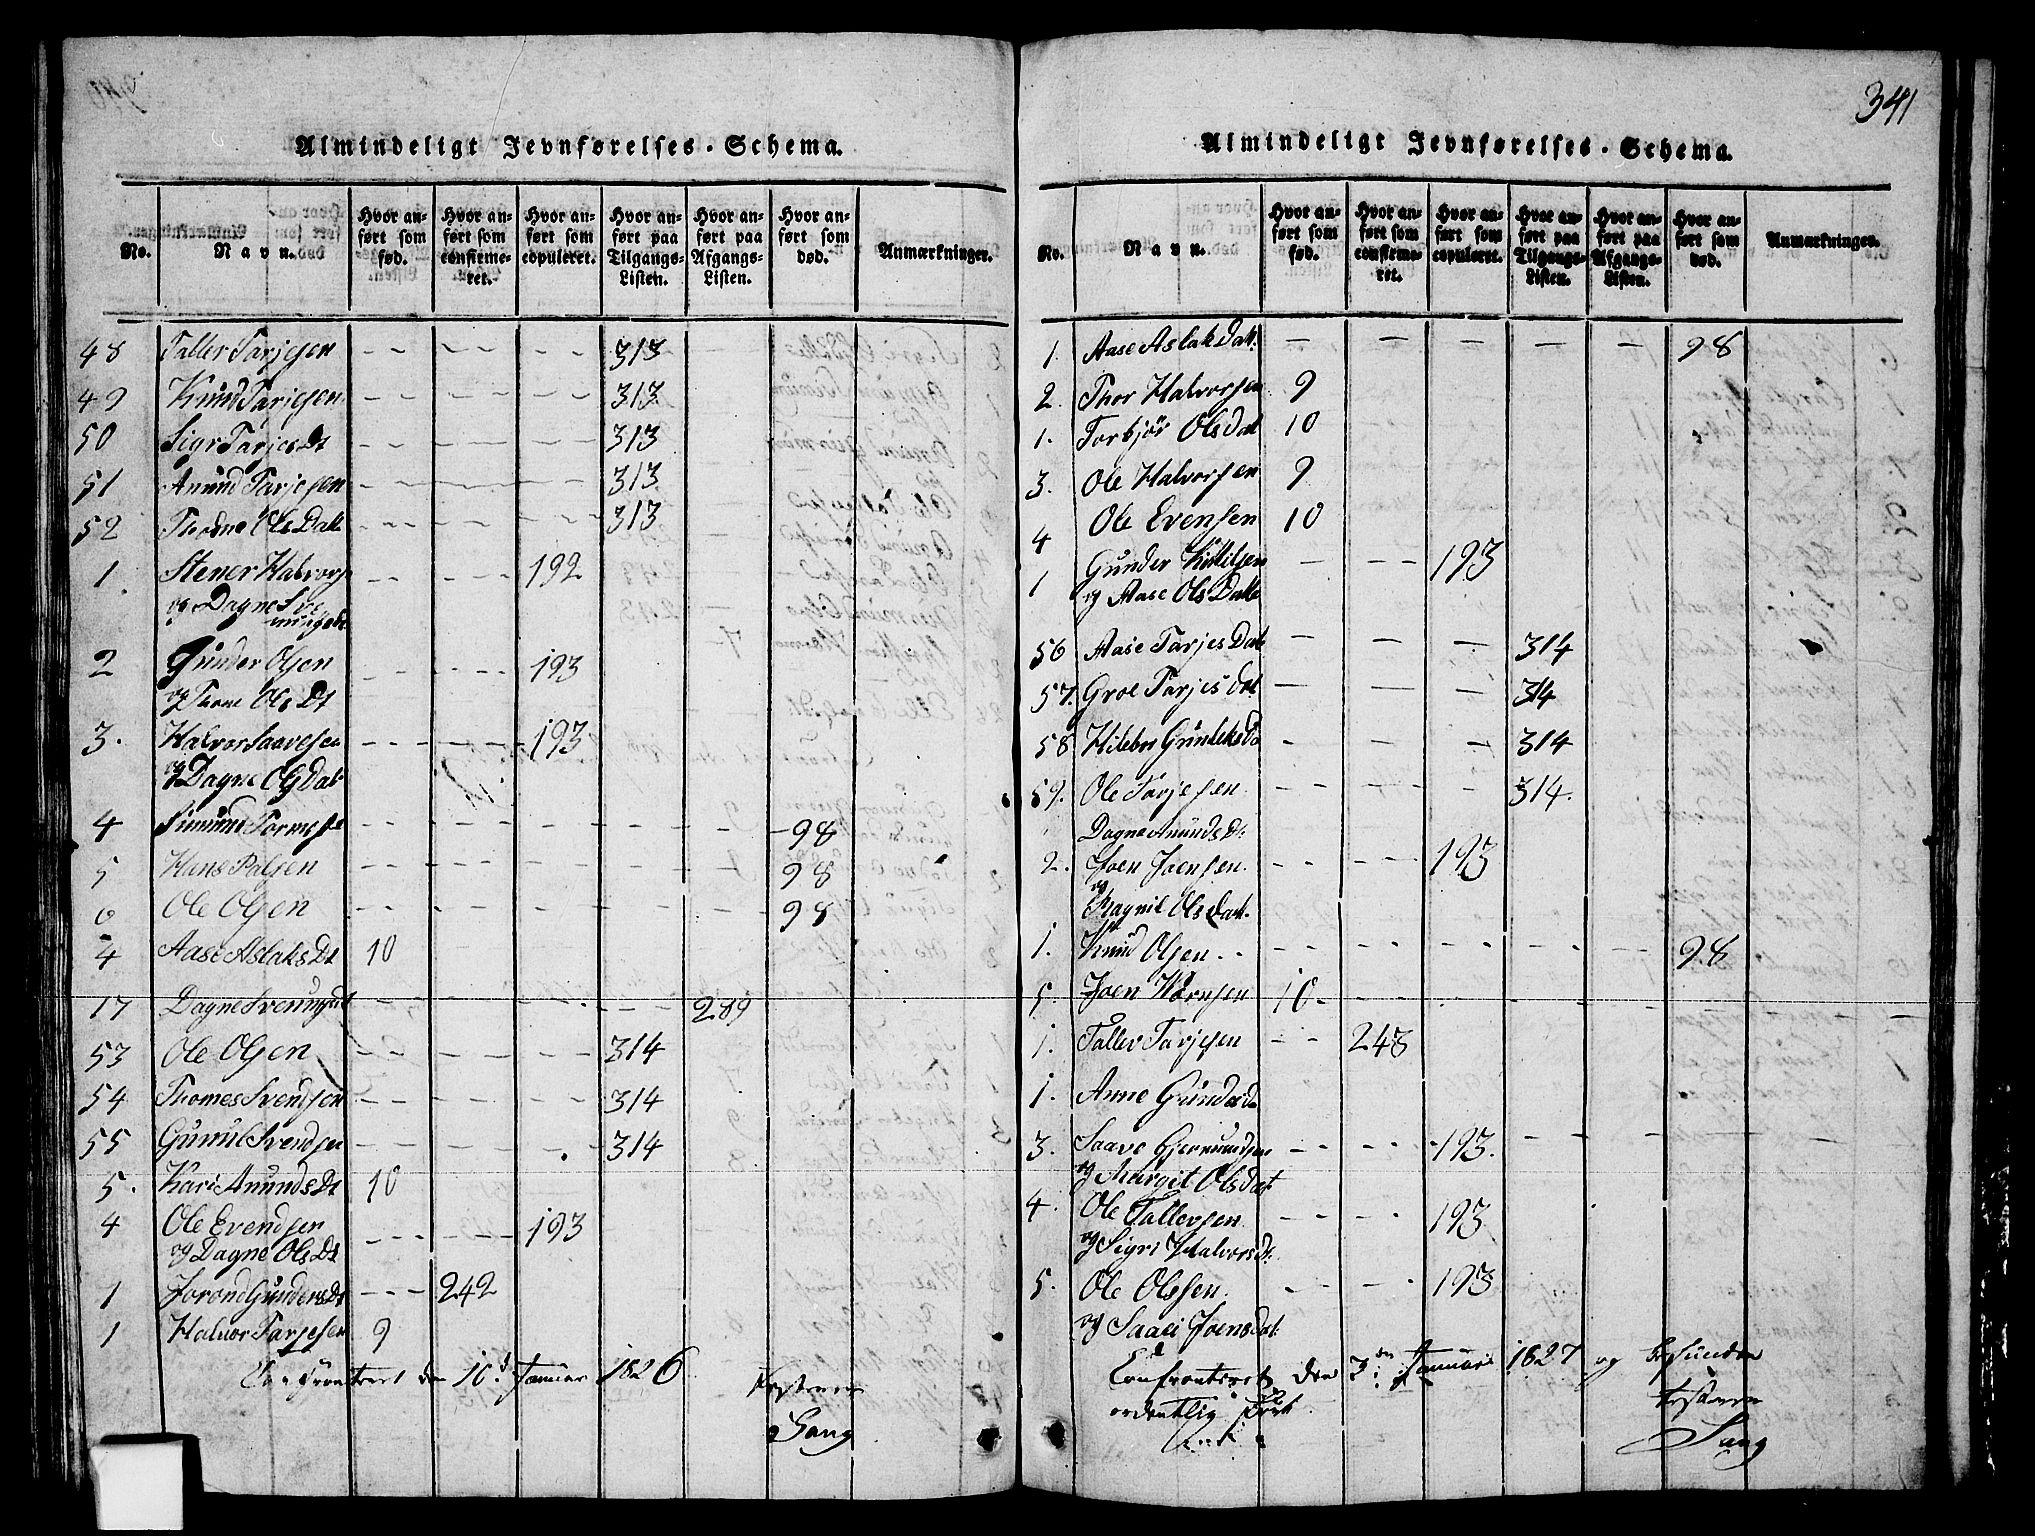 SAKO, Fyresdal kirkebøker, G/Ga/L0003: Klokkerbok nr. I 3, 1815-1863, s. 341